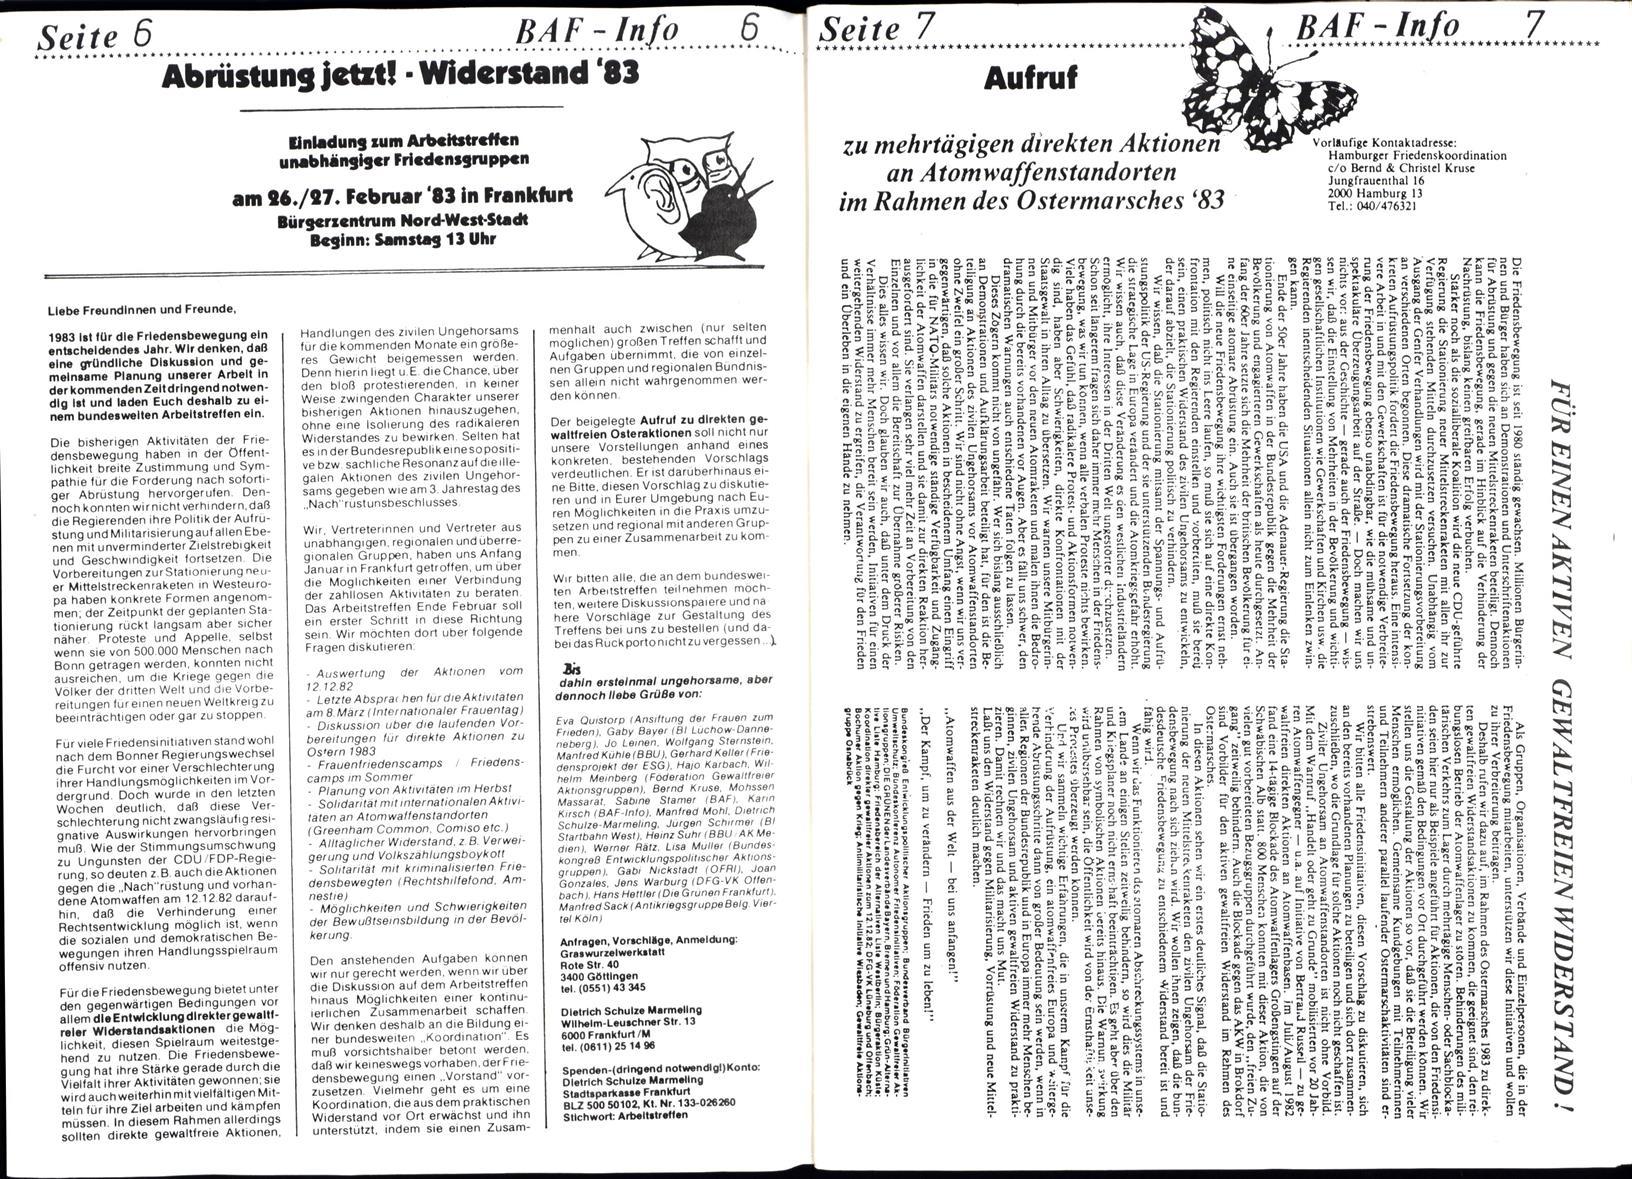 BAF_Info_02_19830100_04